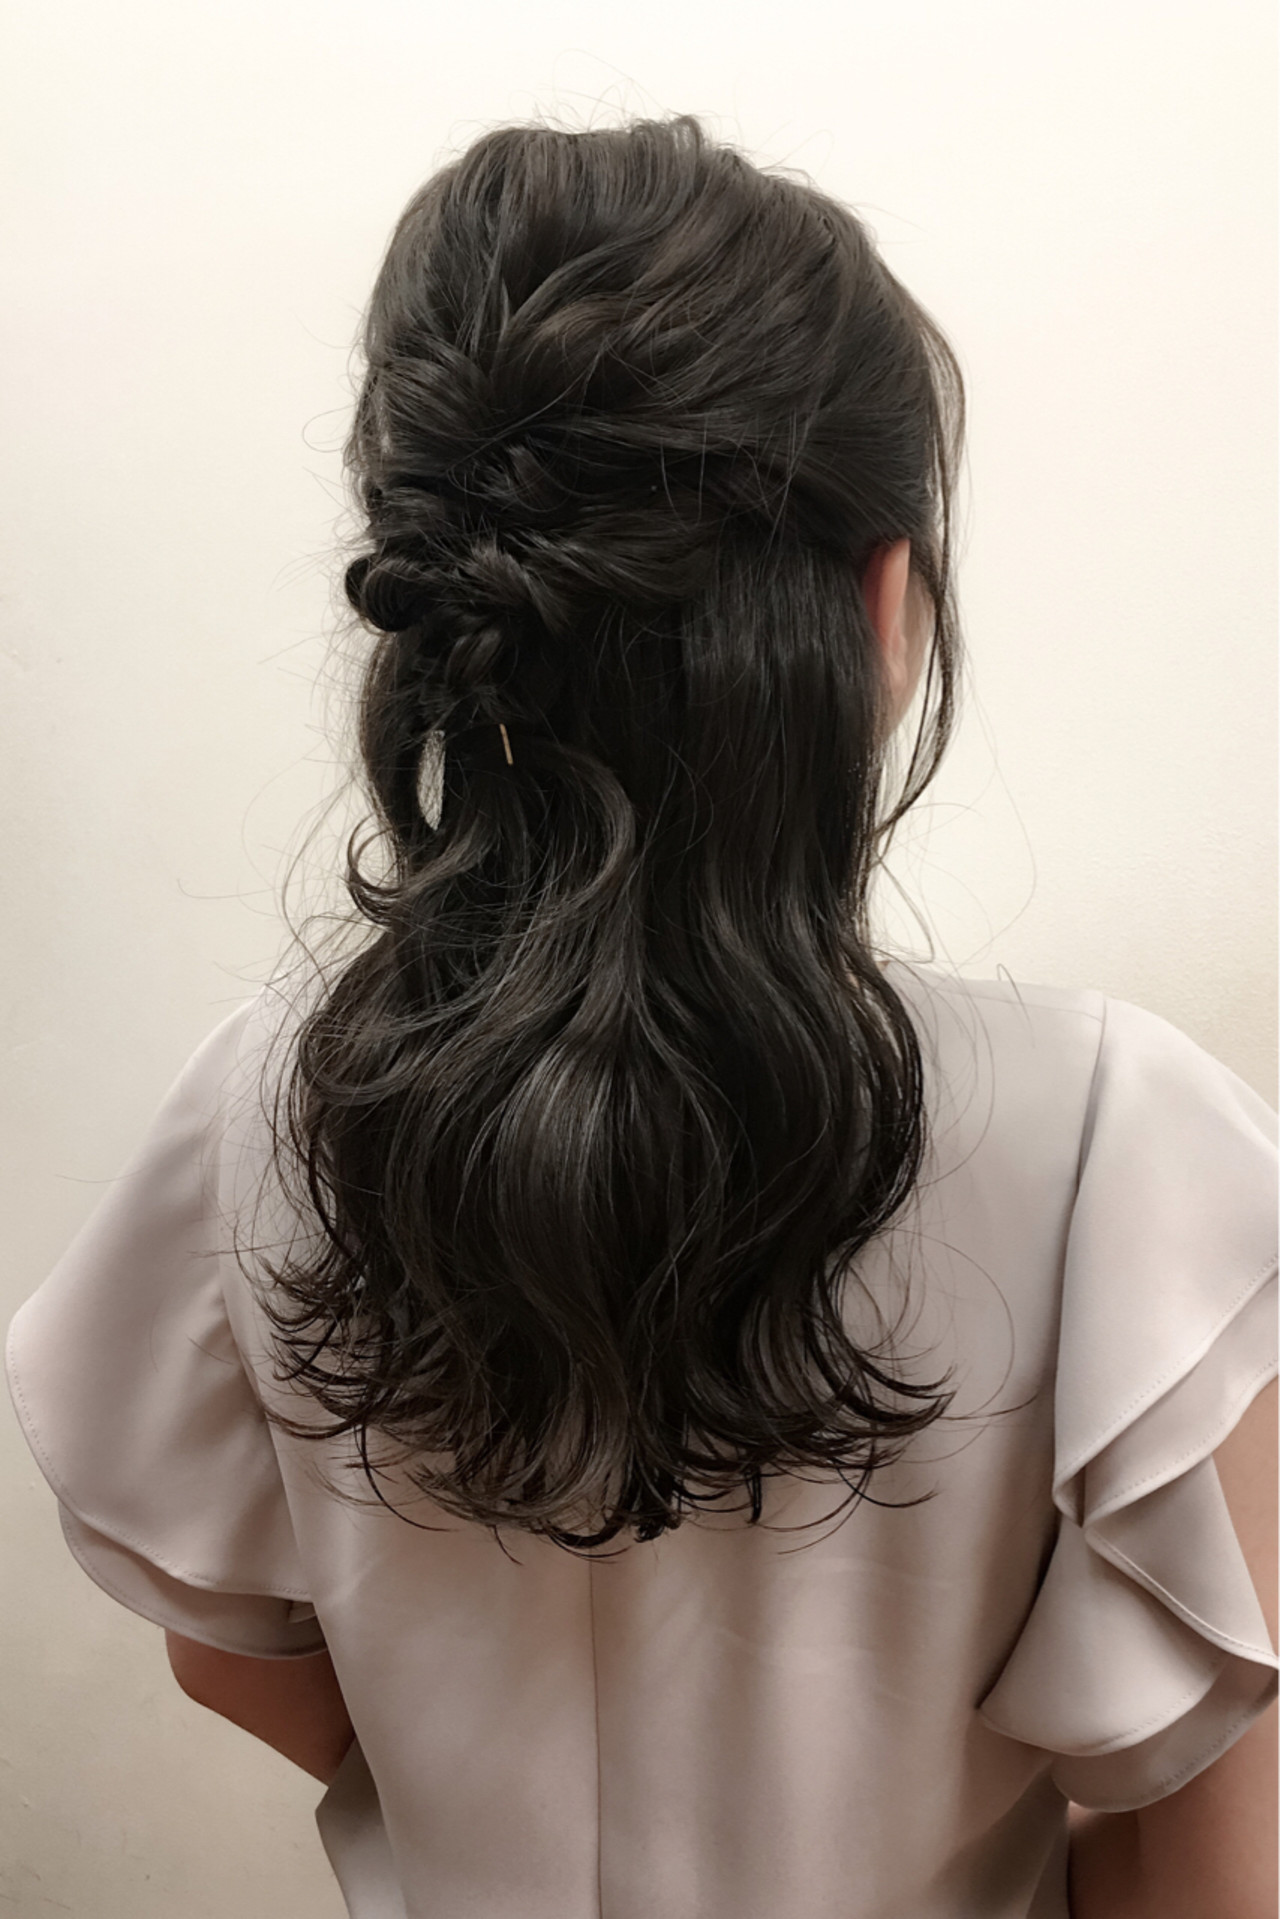 ハーフアップ ヘアアレンジ アップスタイル ロング ヘアスタイルや髪型の写真・画像 | 井手口 倫也 / luve heart's And Be+Eclat